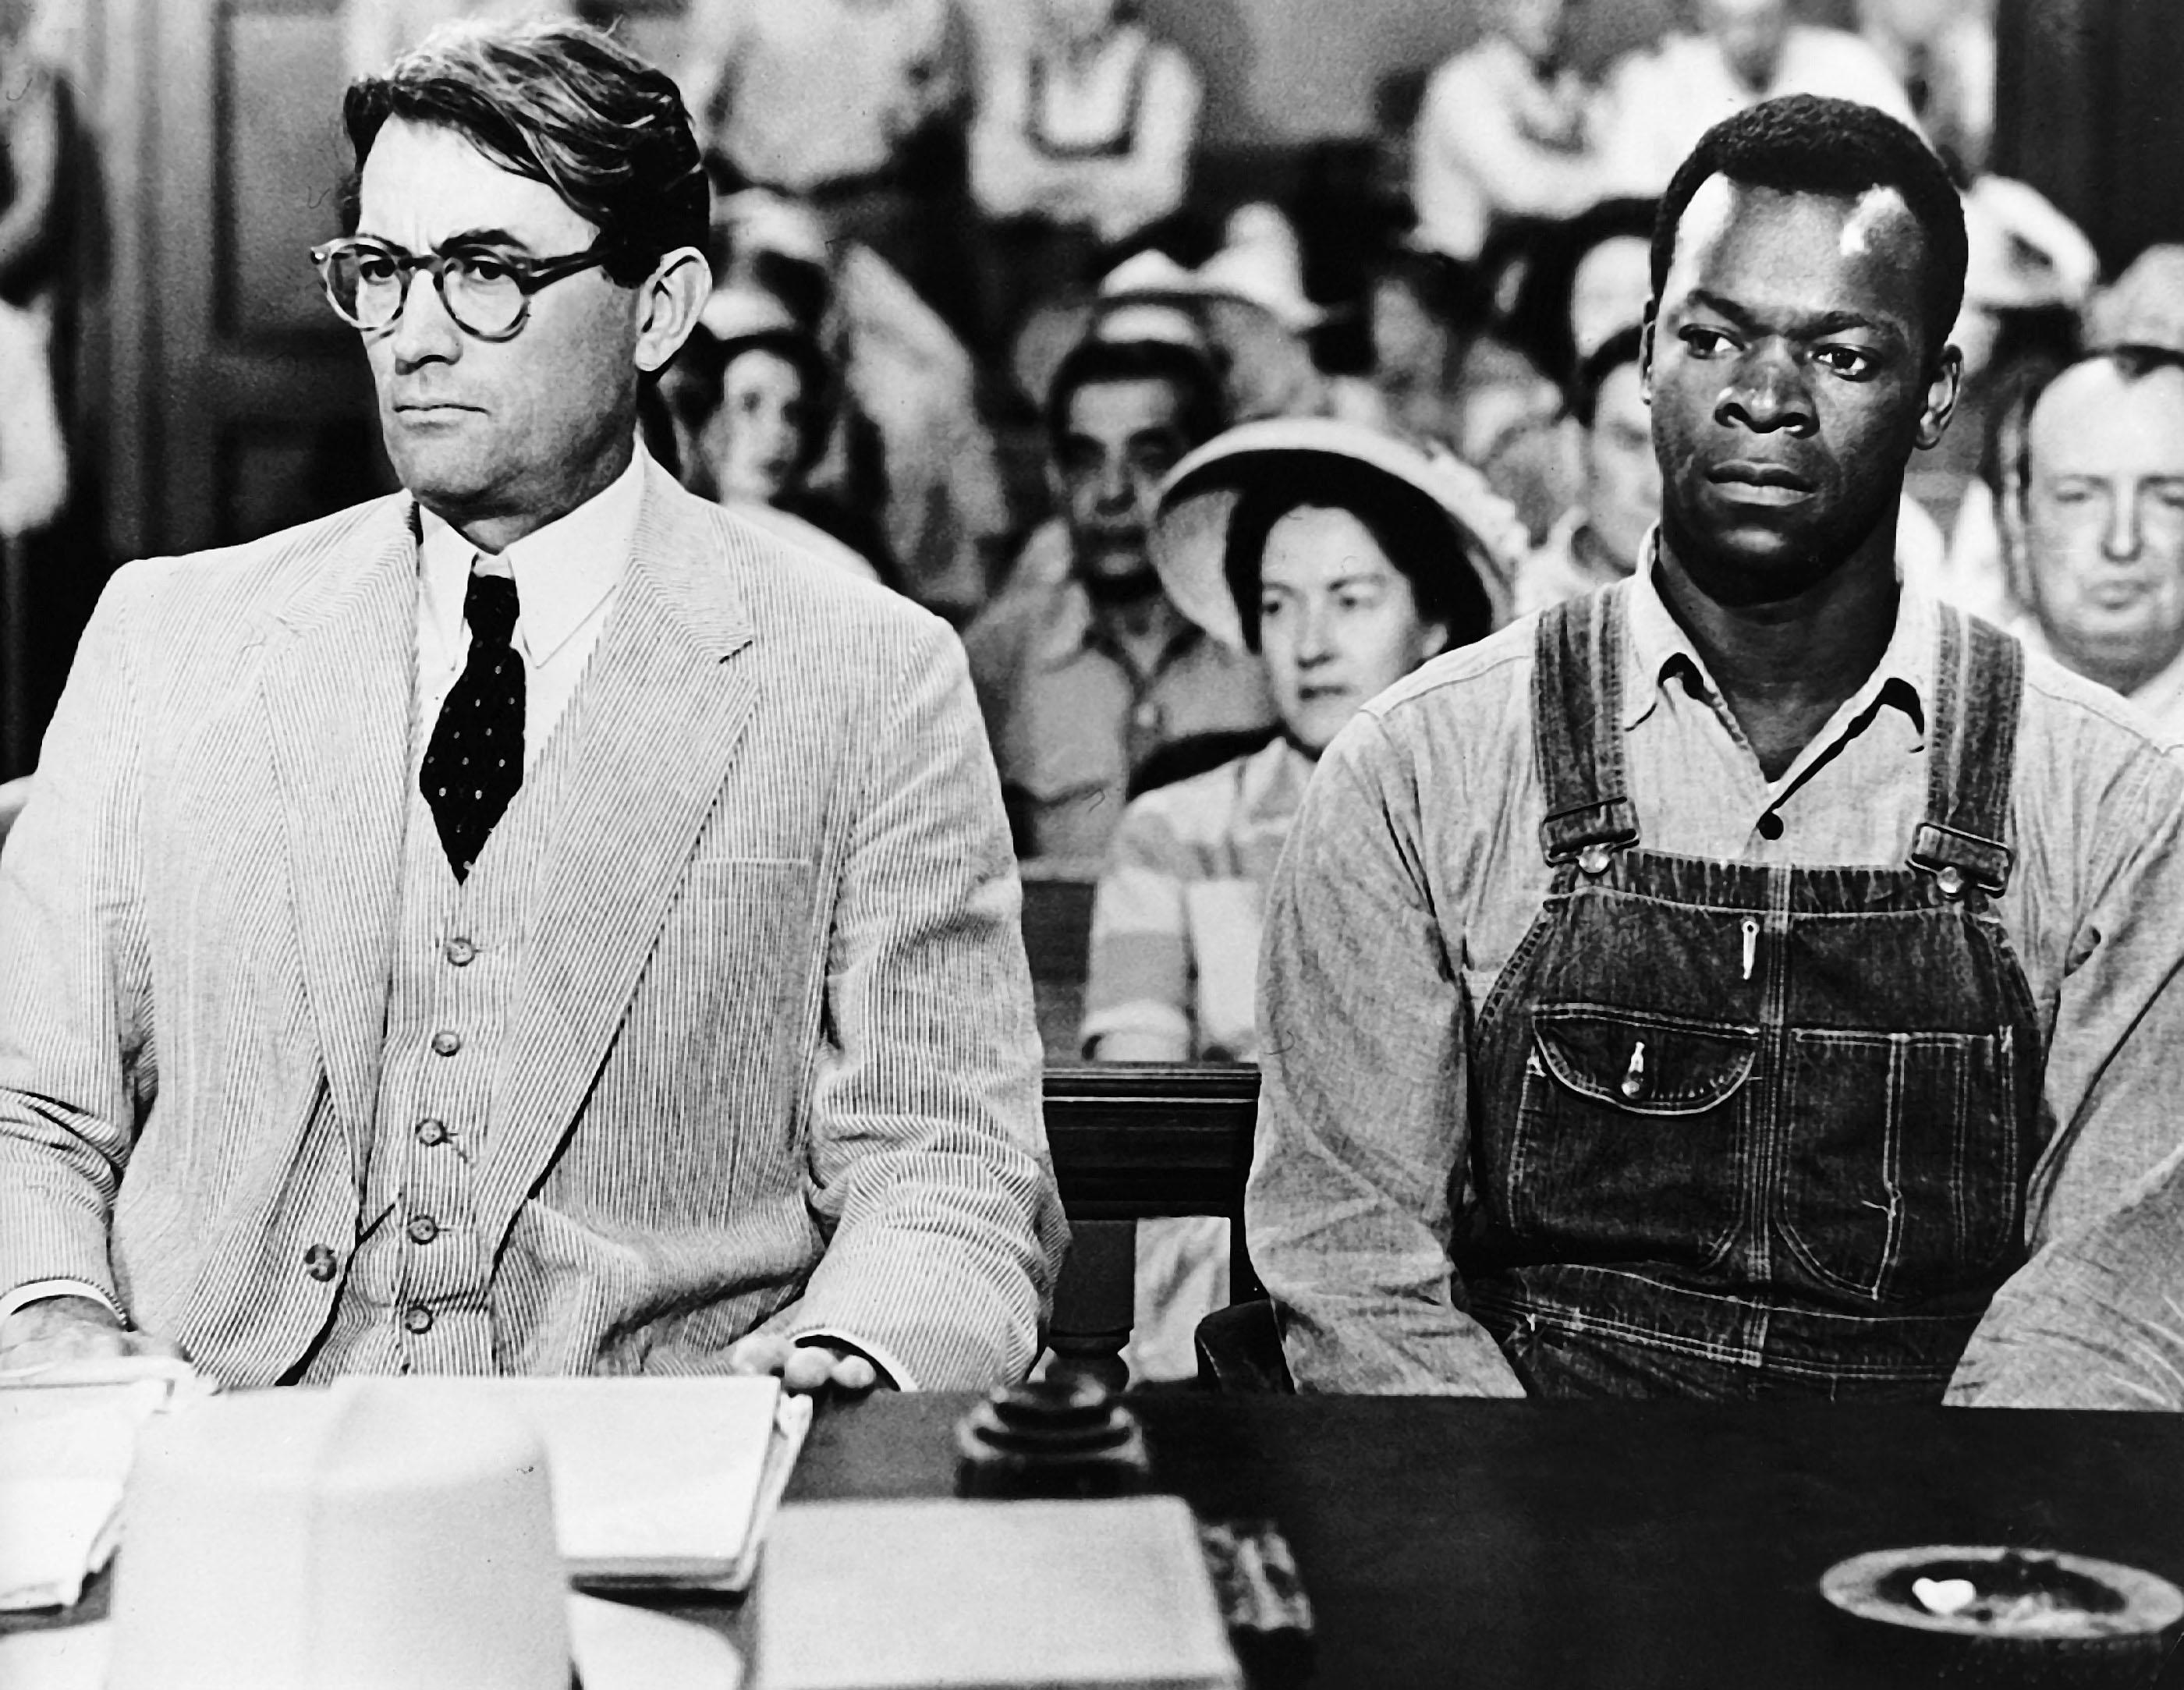 Harper Lee Ne bántsátok a feketerigót! című rasszizmusellenes regényét több virginiai iskolából is száműzték, mert túl rasszistának találták